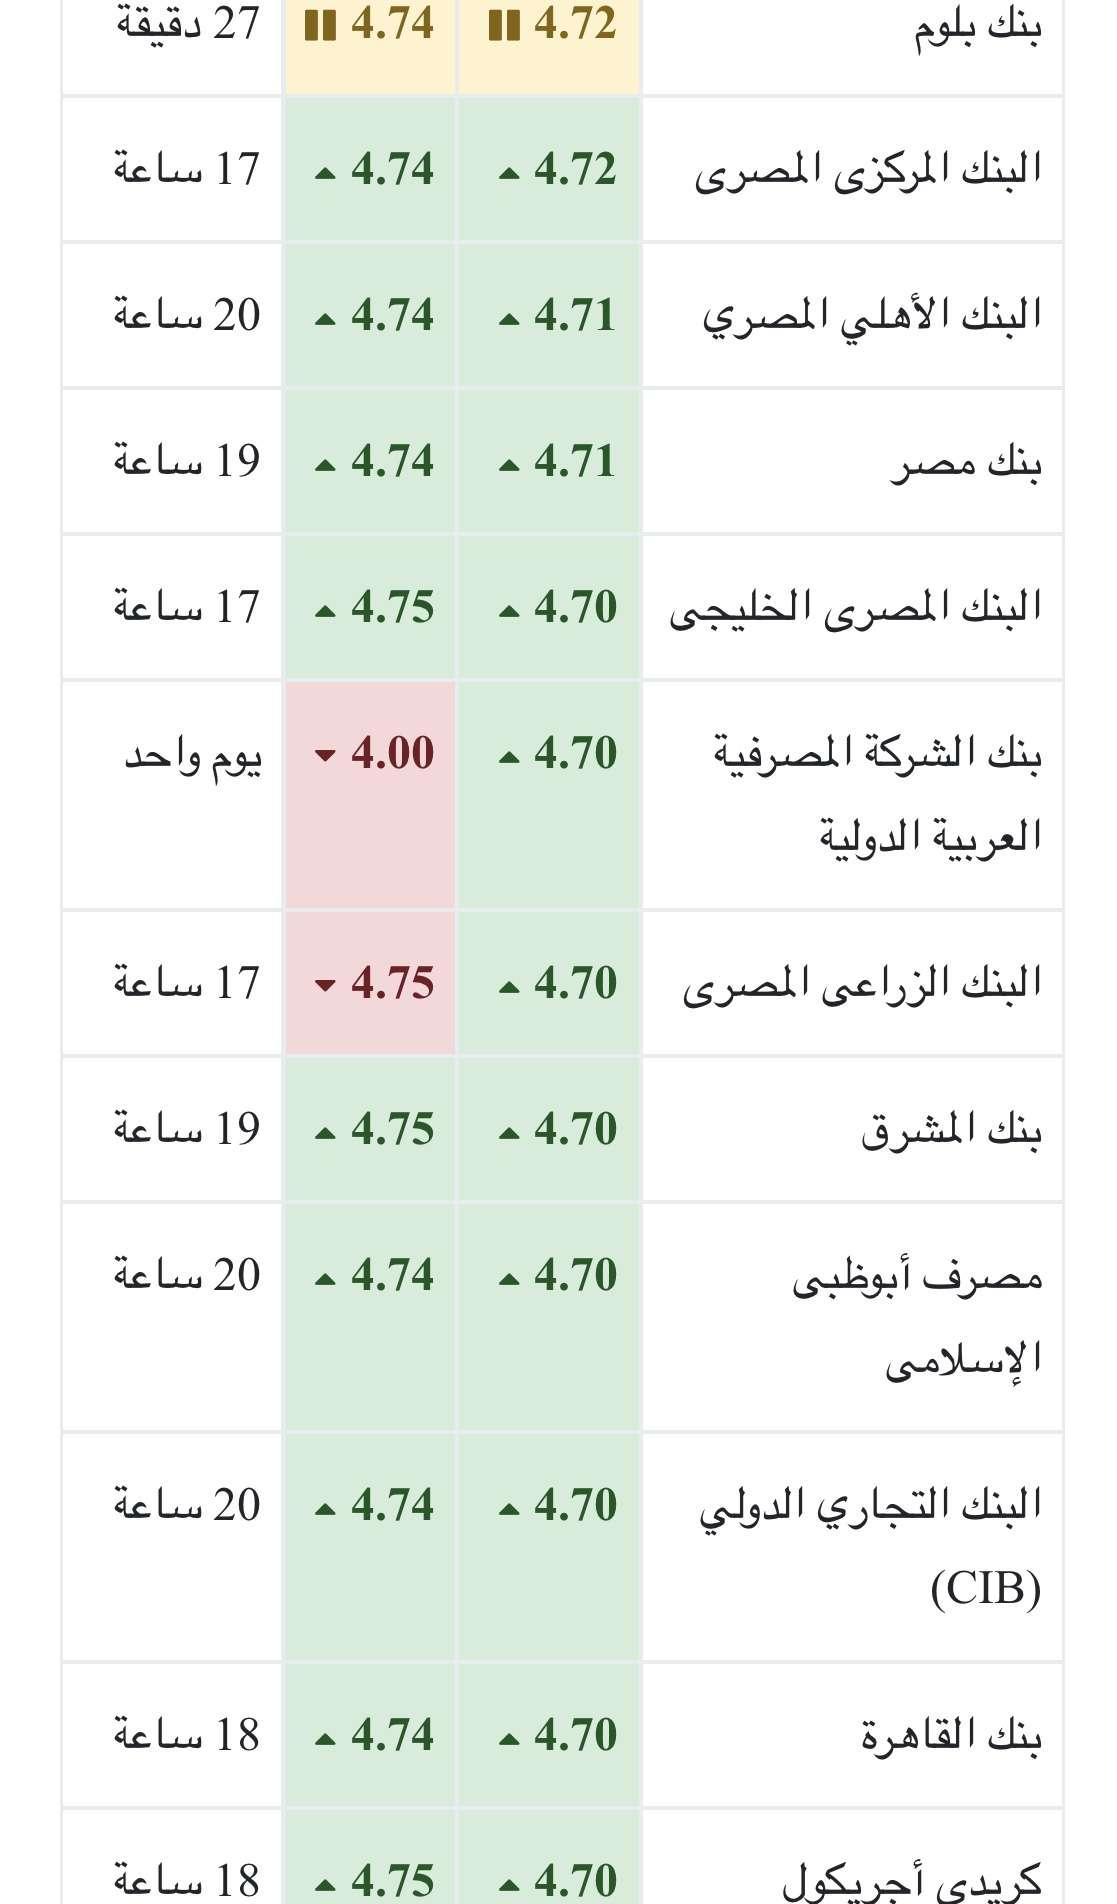 سعر الريال السعودي اليوم الأربعاء 6-12-2017 في البنوك والسوق السوداء